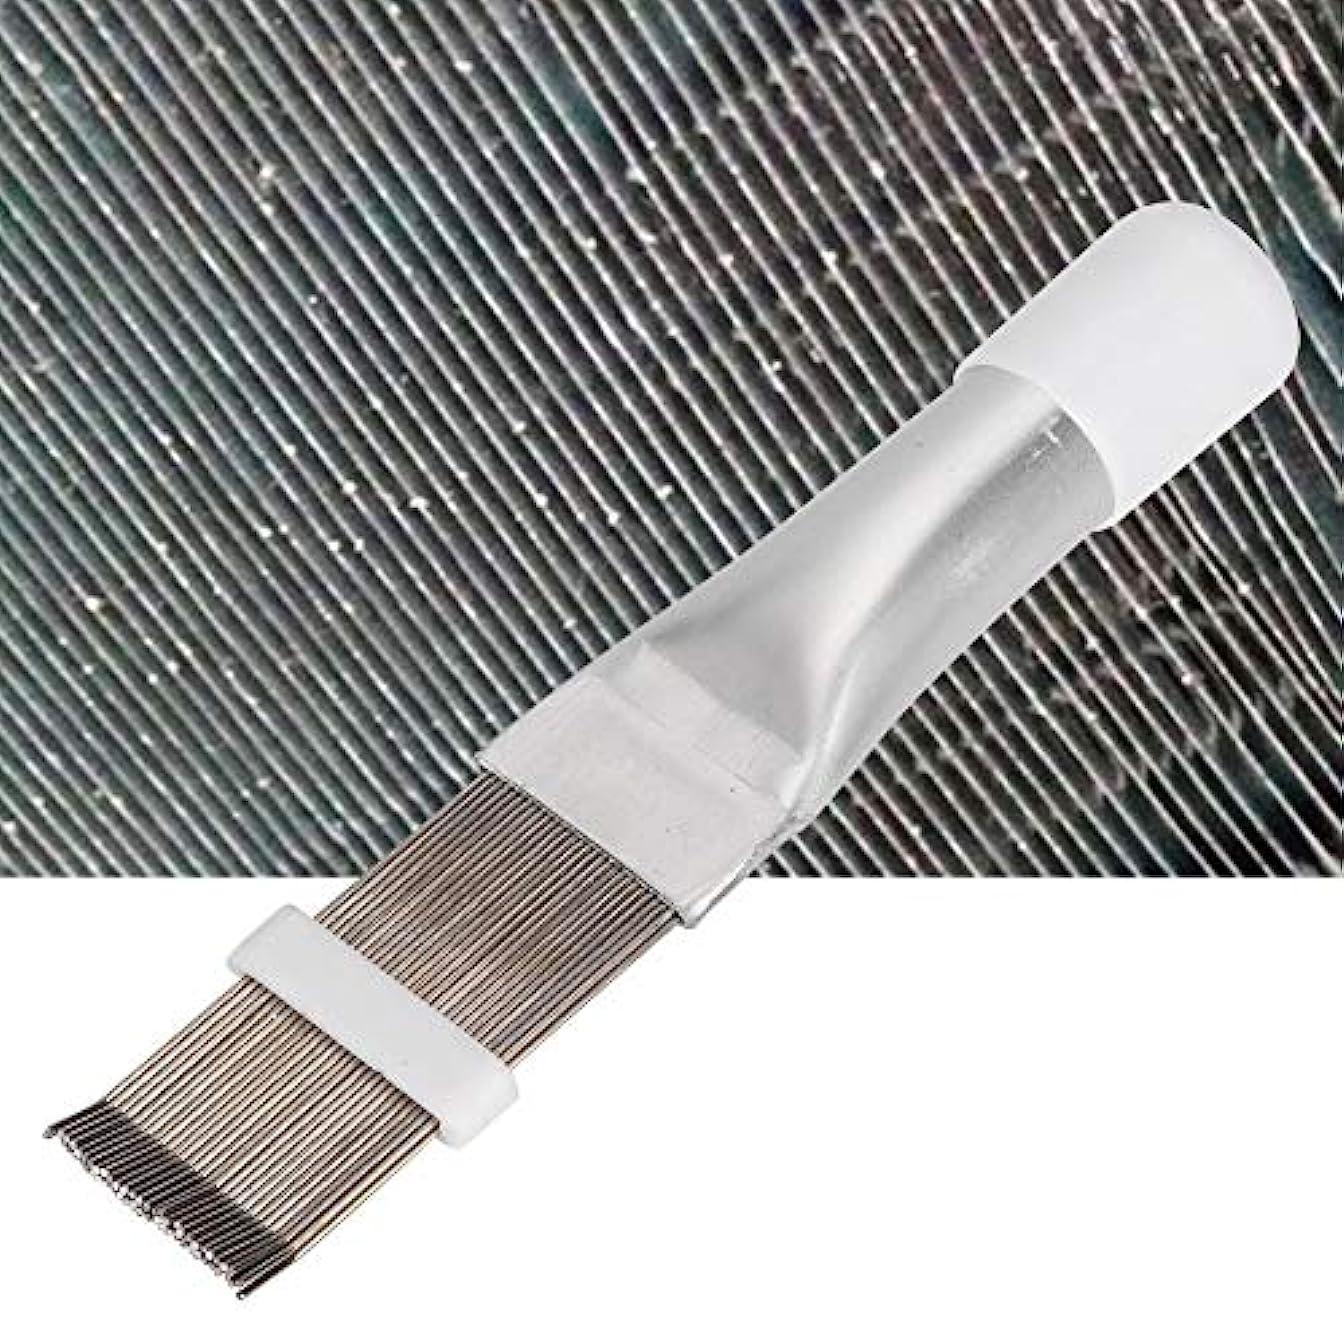 ヒョウマチュピチュ理論的フィンコーム エアコンコーム エアコンフィンクリーナー エアコンブラシ コンデンサーフィン 清掃 矯正 ストレートコンデンサに適用 ステンレス鋼製歯 耐腐食性 耐圧性